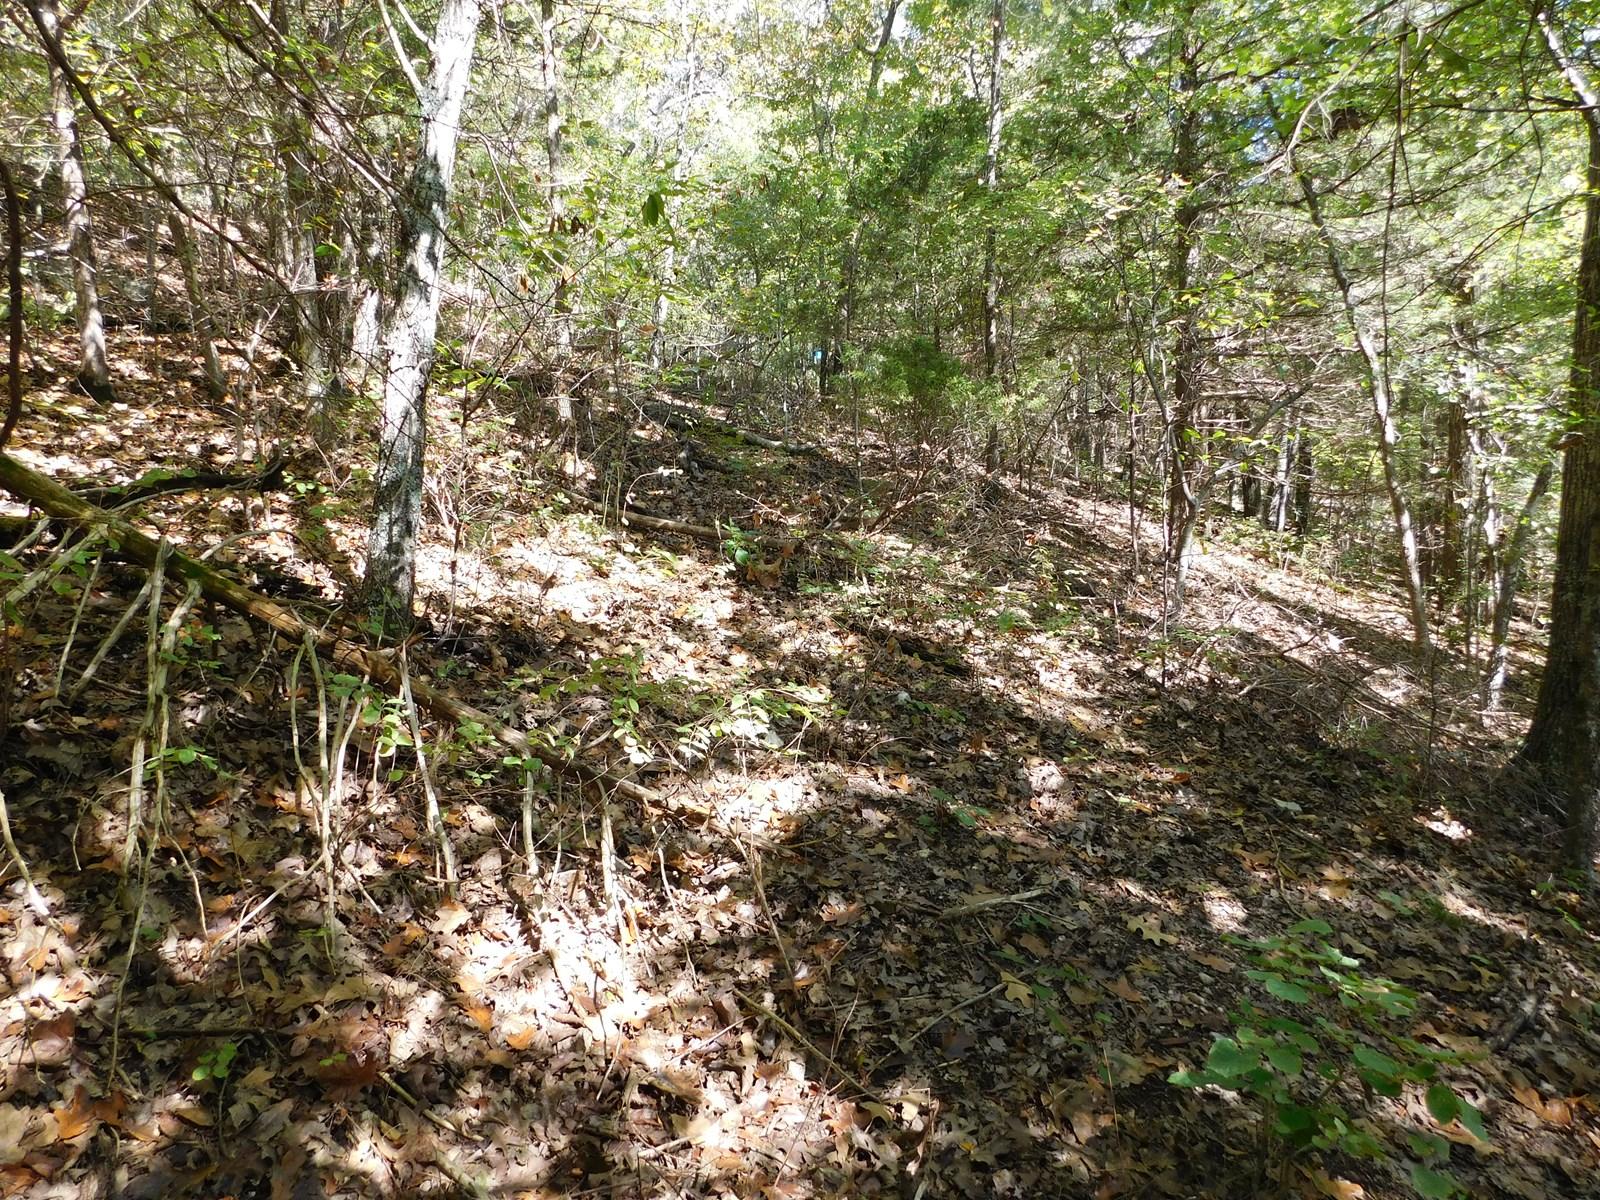 29 Acres Ozark Mountain Land For Sale Near Lakes